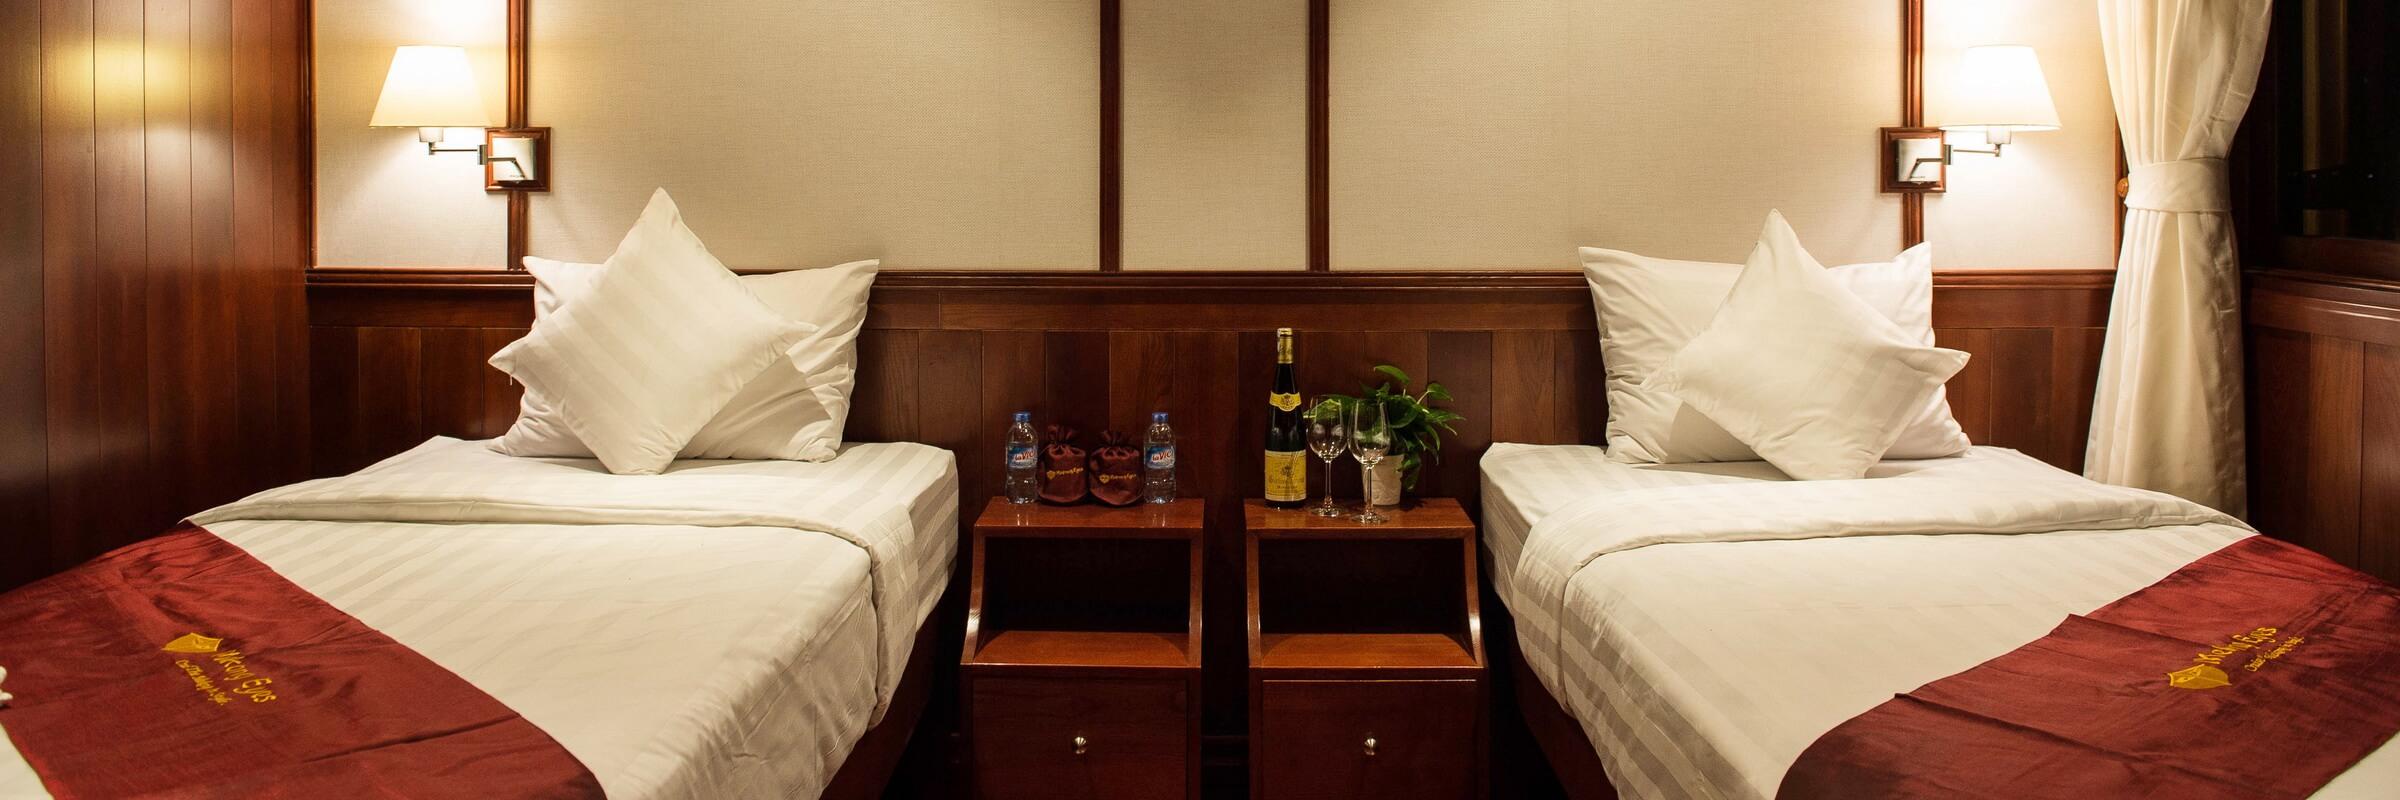 Die Mekong Eyes hat sowohl Zwei- als auch Doppelbettkabinen.